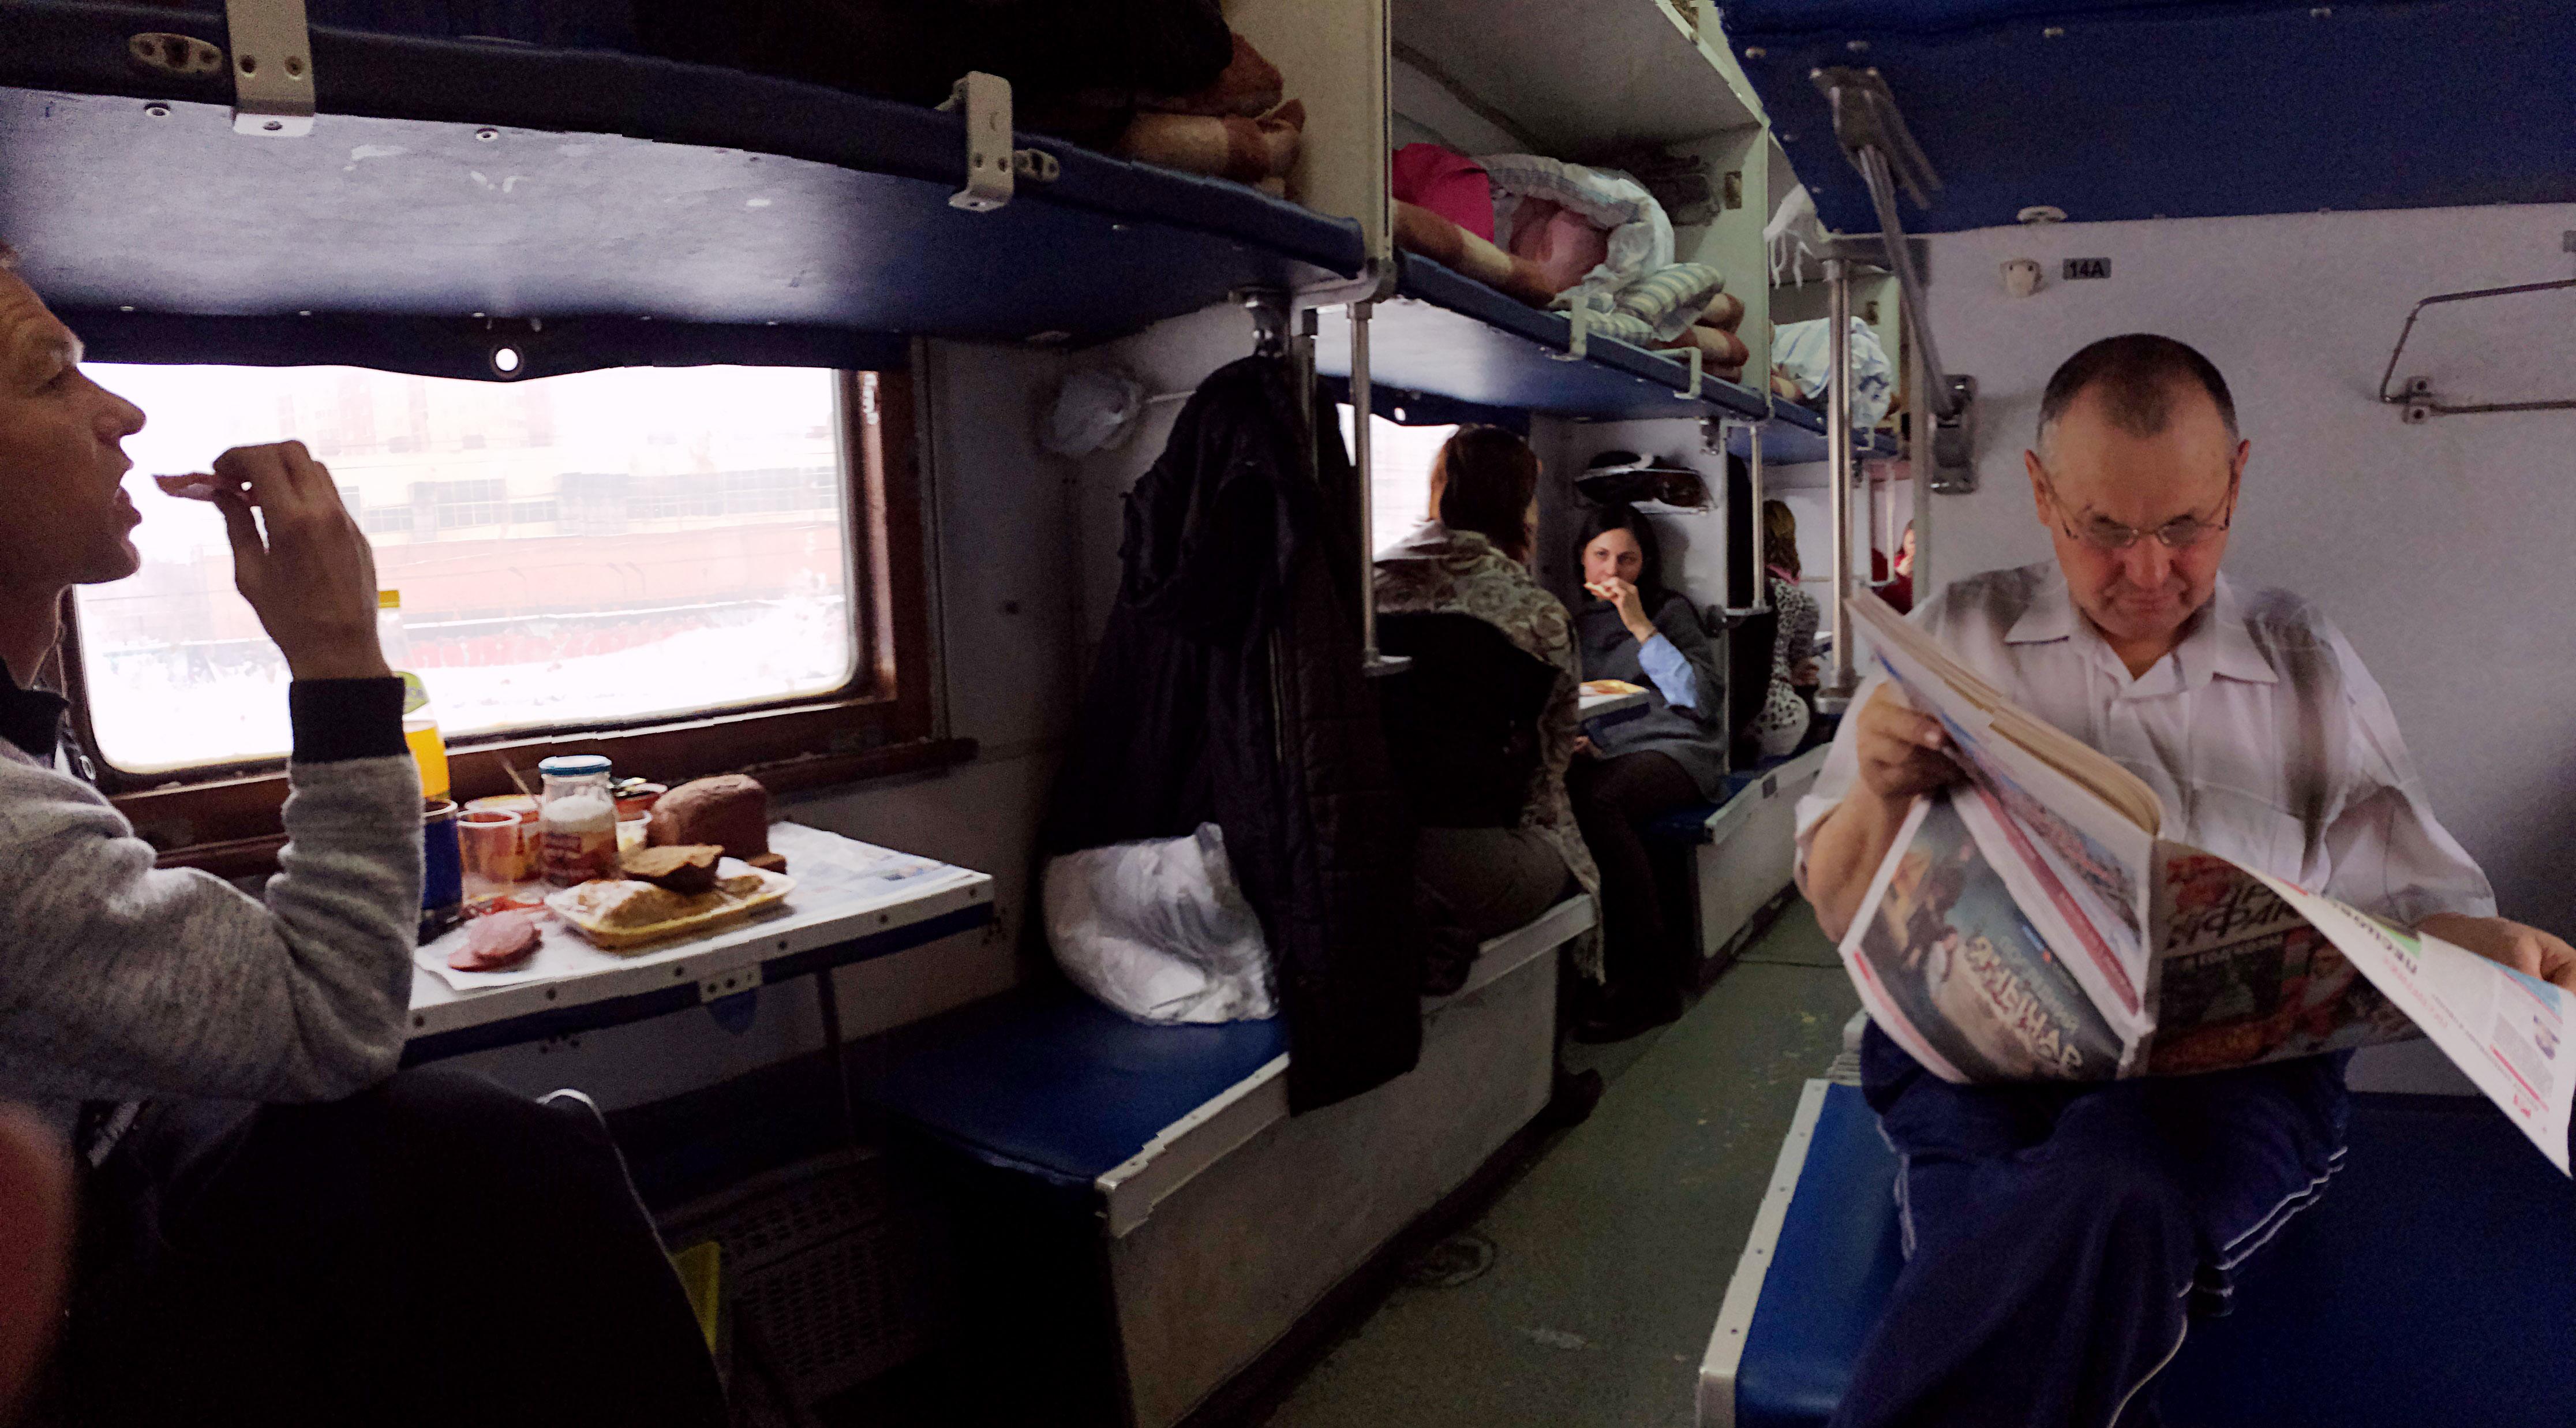 неделю путешествие в плацкартном вагоне фото бросился его спасать